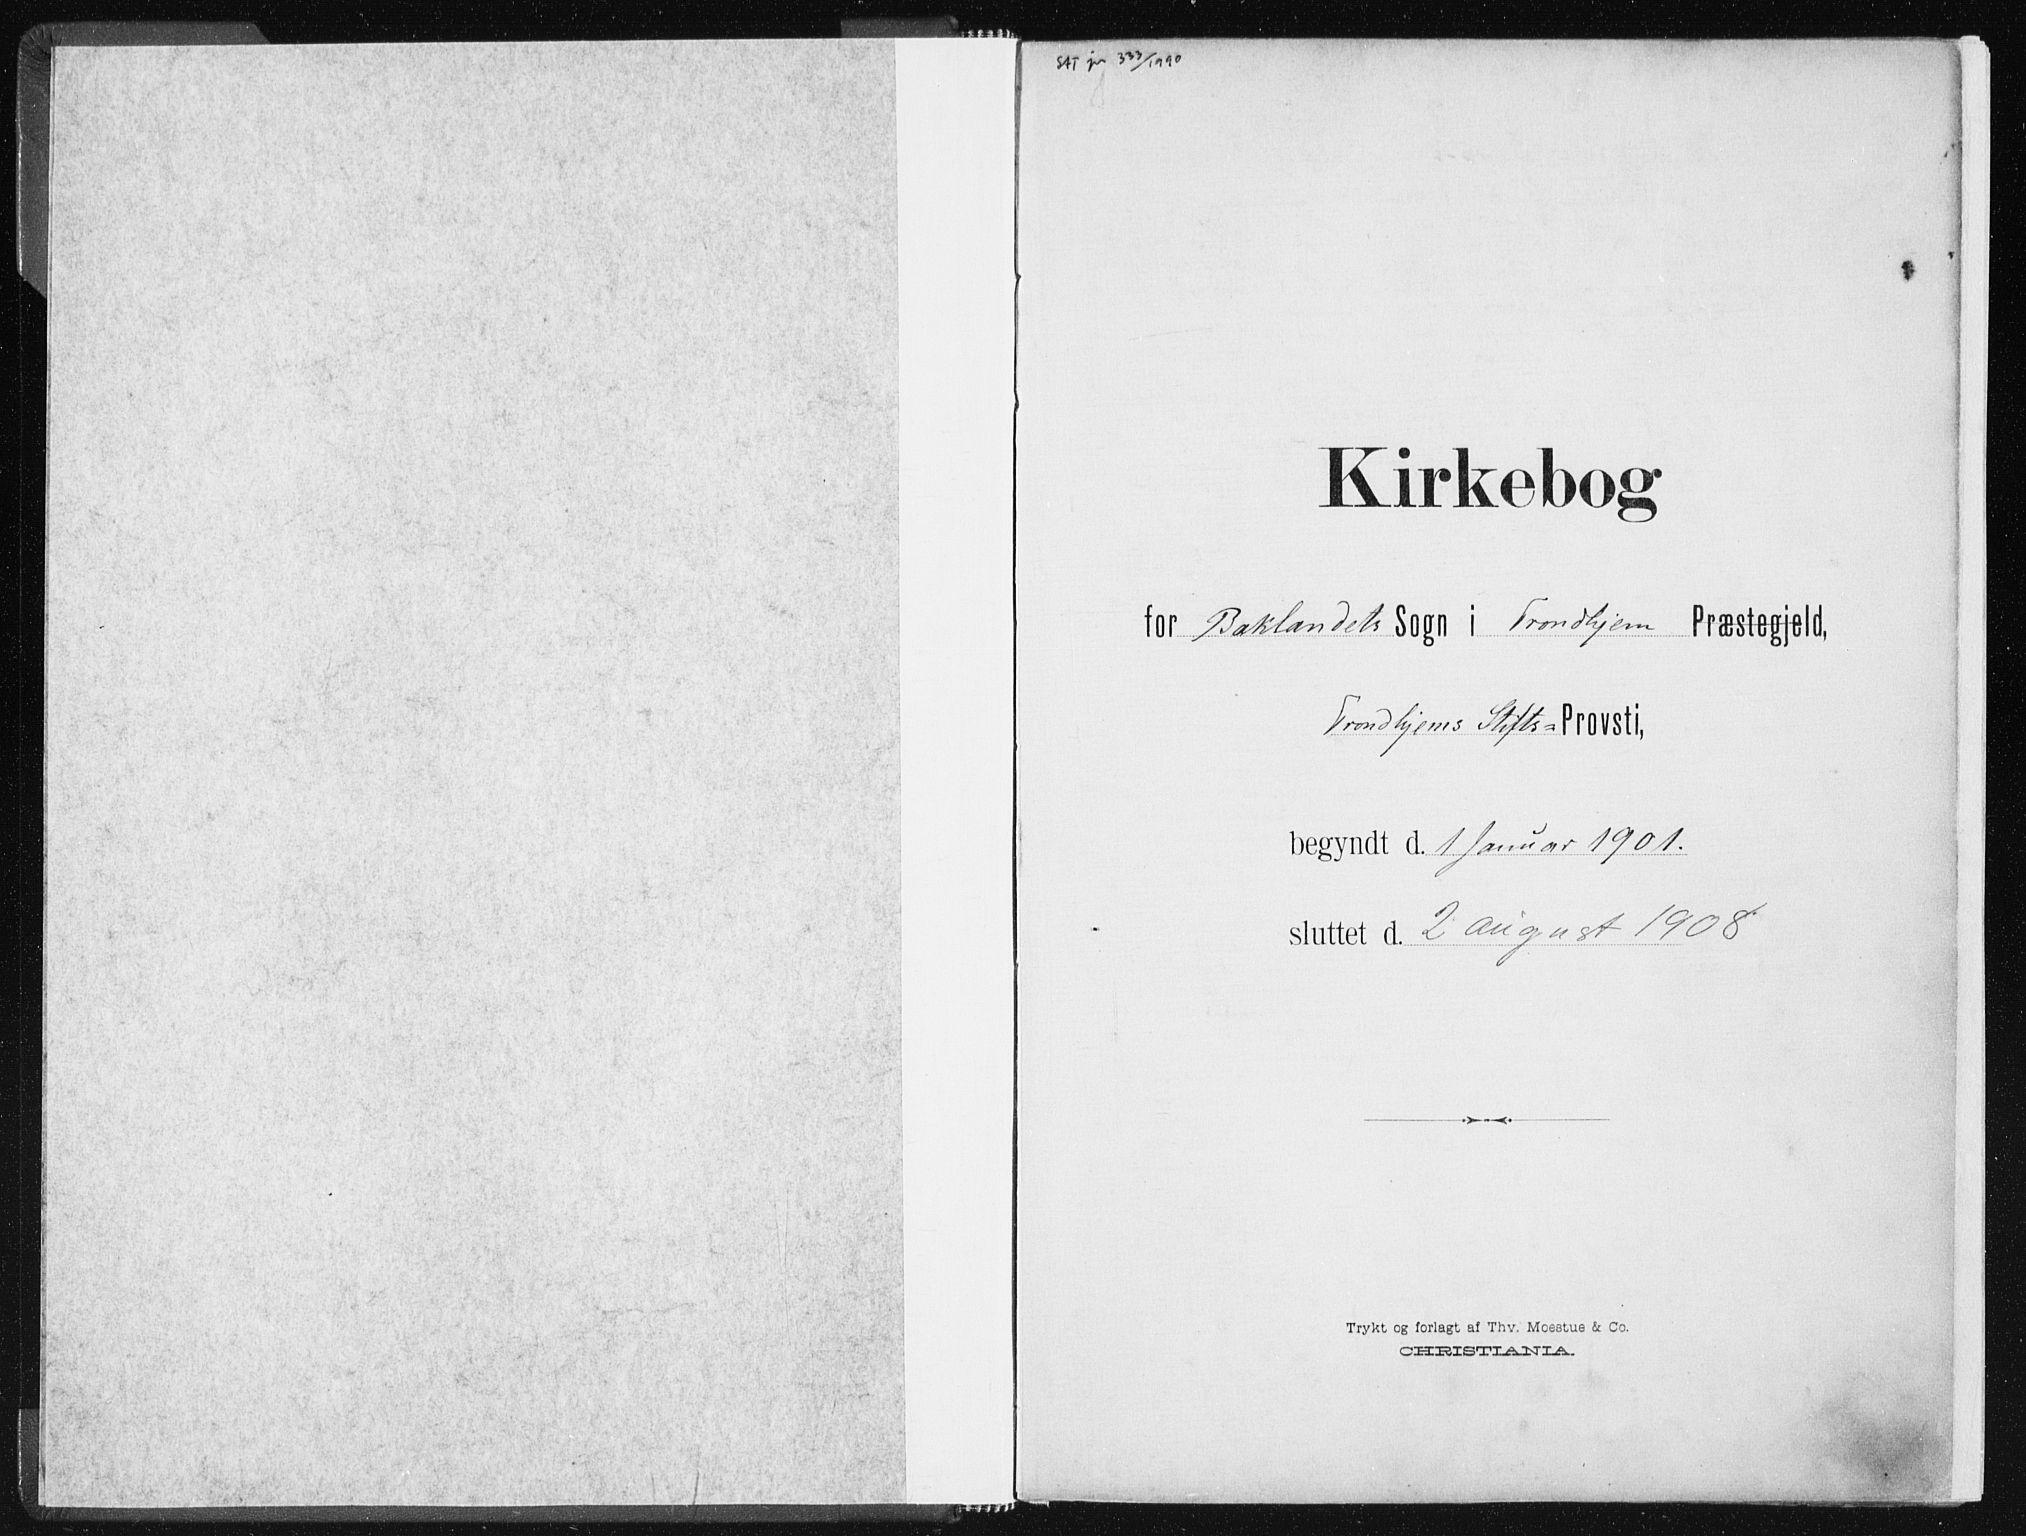 SAT, Ministerialprotokoller, klokkerbøker og fødselsregistre - Sør-Trøndelag, 604/L0199: Ministerialbok nr. 604A20I, 1901-1906